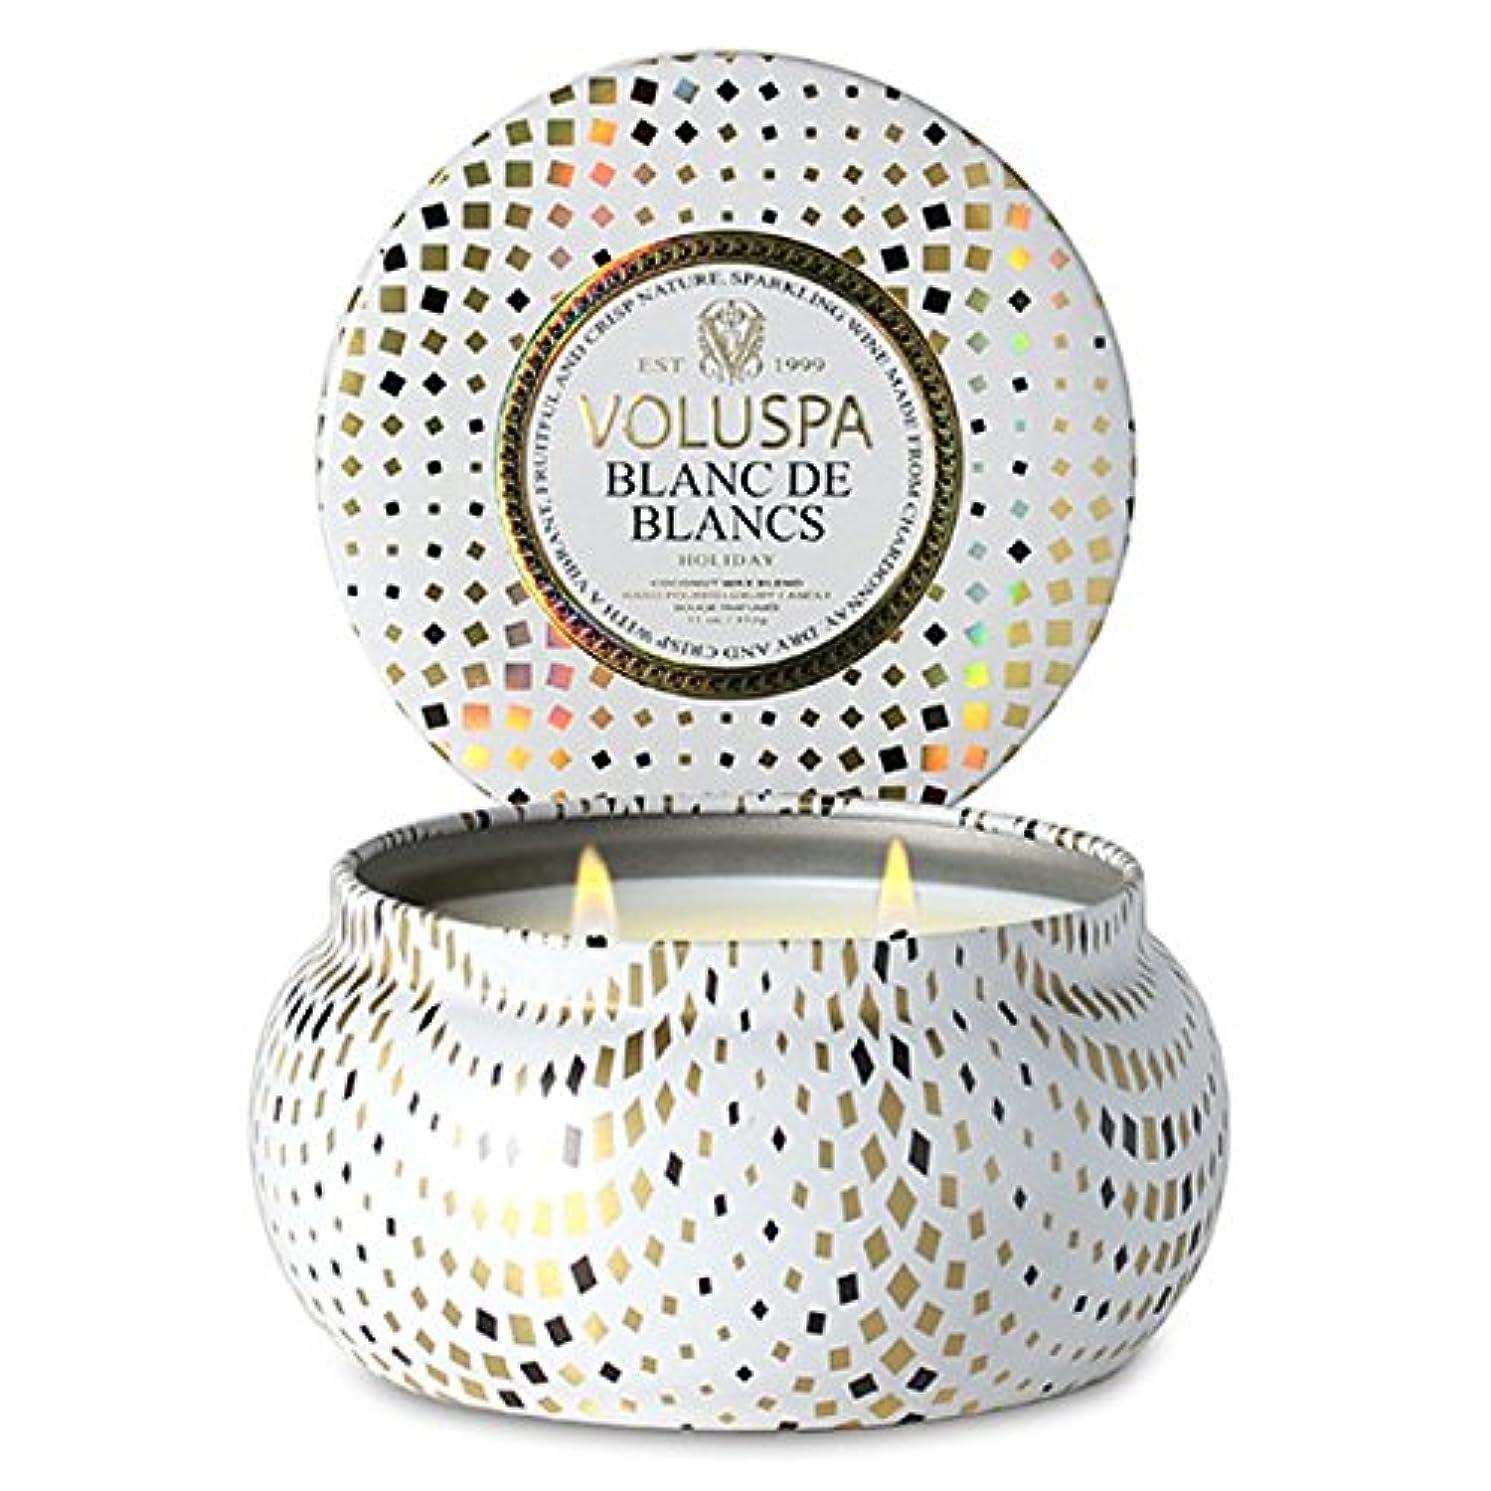 アジテーションシャベル機密Voluspa ボルスパ メゾンホリデー 2-Wick ティンキャンドル ブラン ド ブラン BLANC DE BLANCS MASION HOLIDAY 2-ウィック Tin Glass Candle